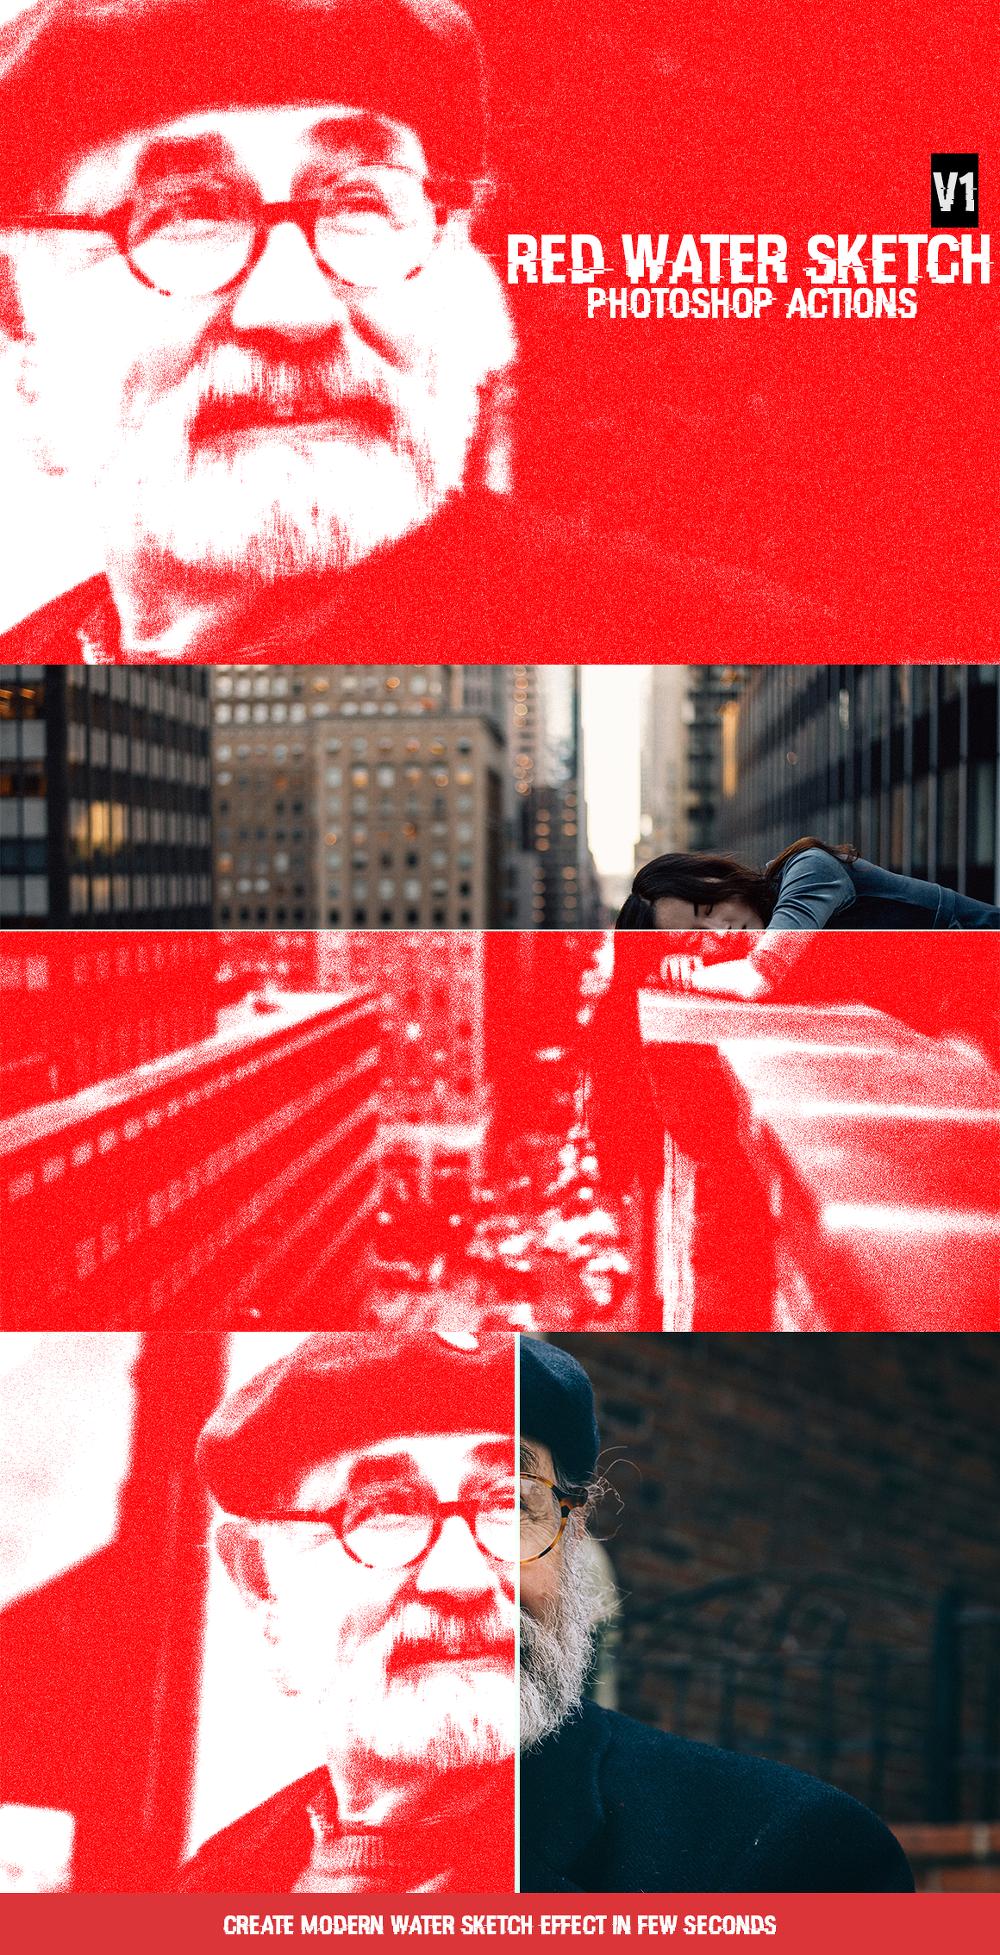 무료 포토샵 워터 스케치 액션 - Free Photoshop Red Water Sketch Action